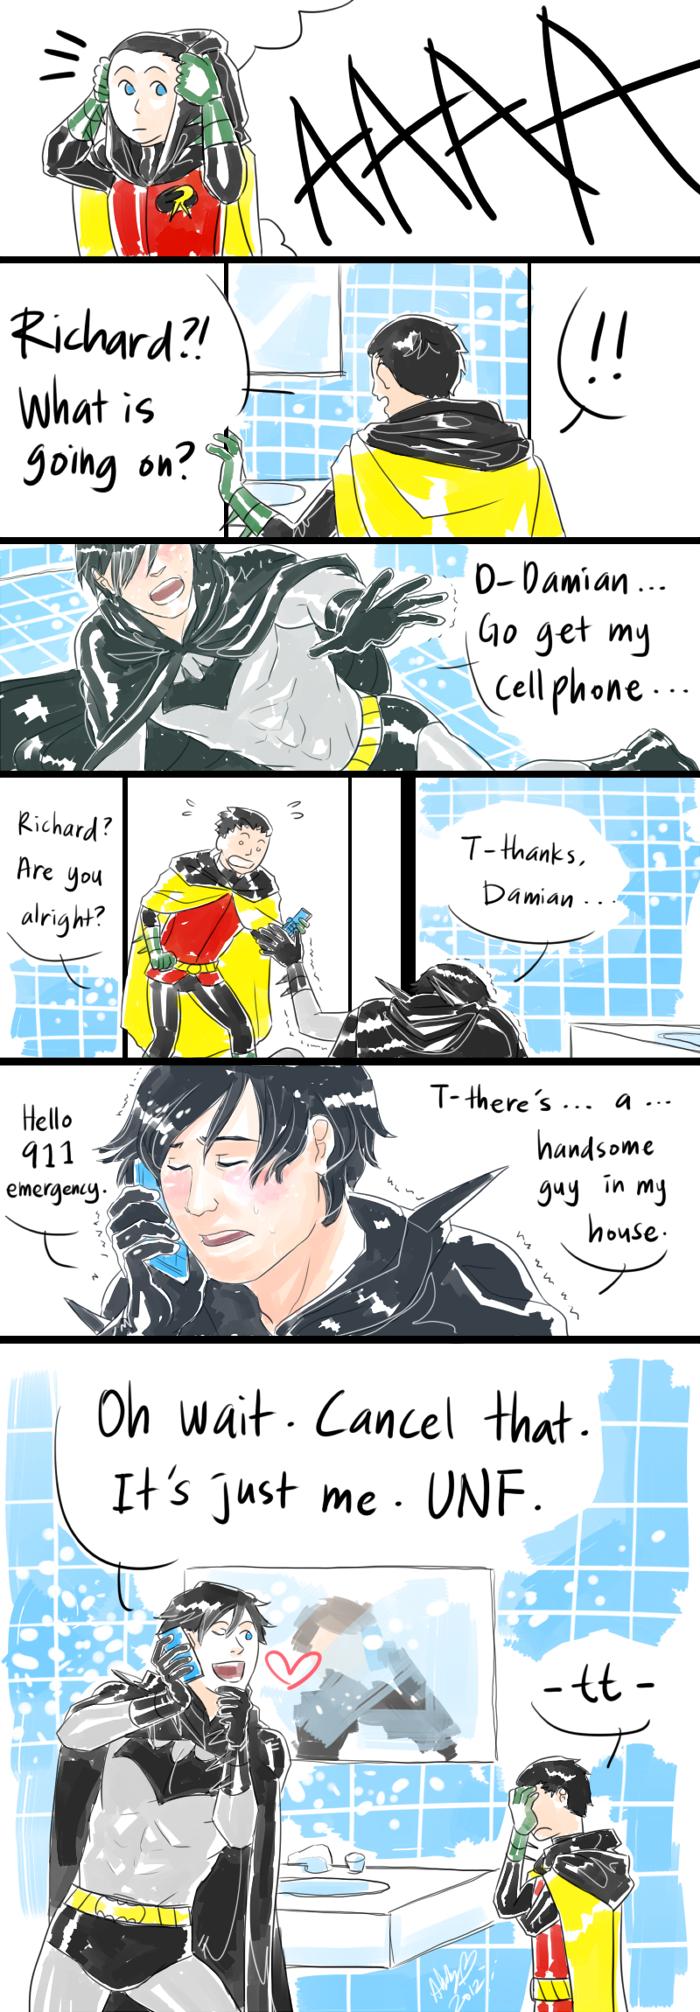 Johnny bravo 911